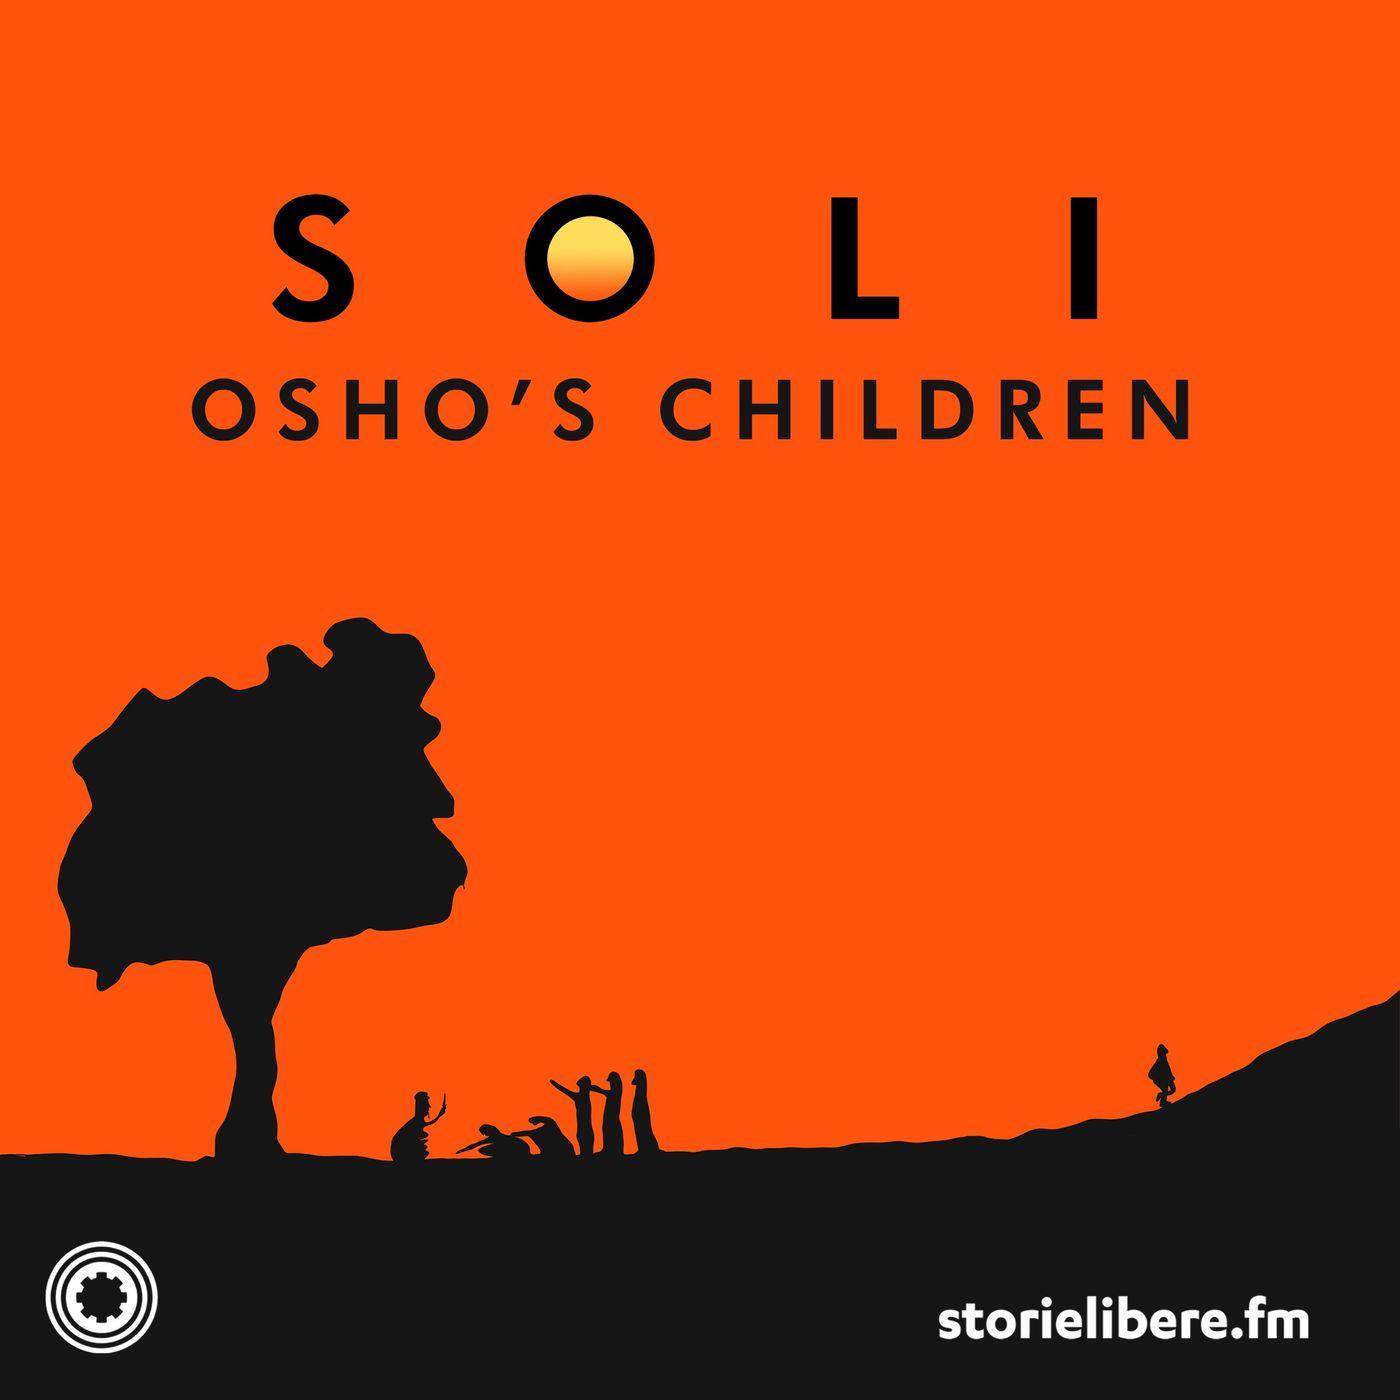 Osho's children